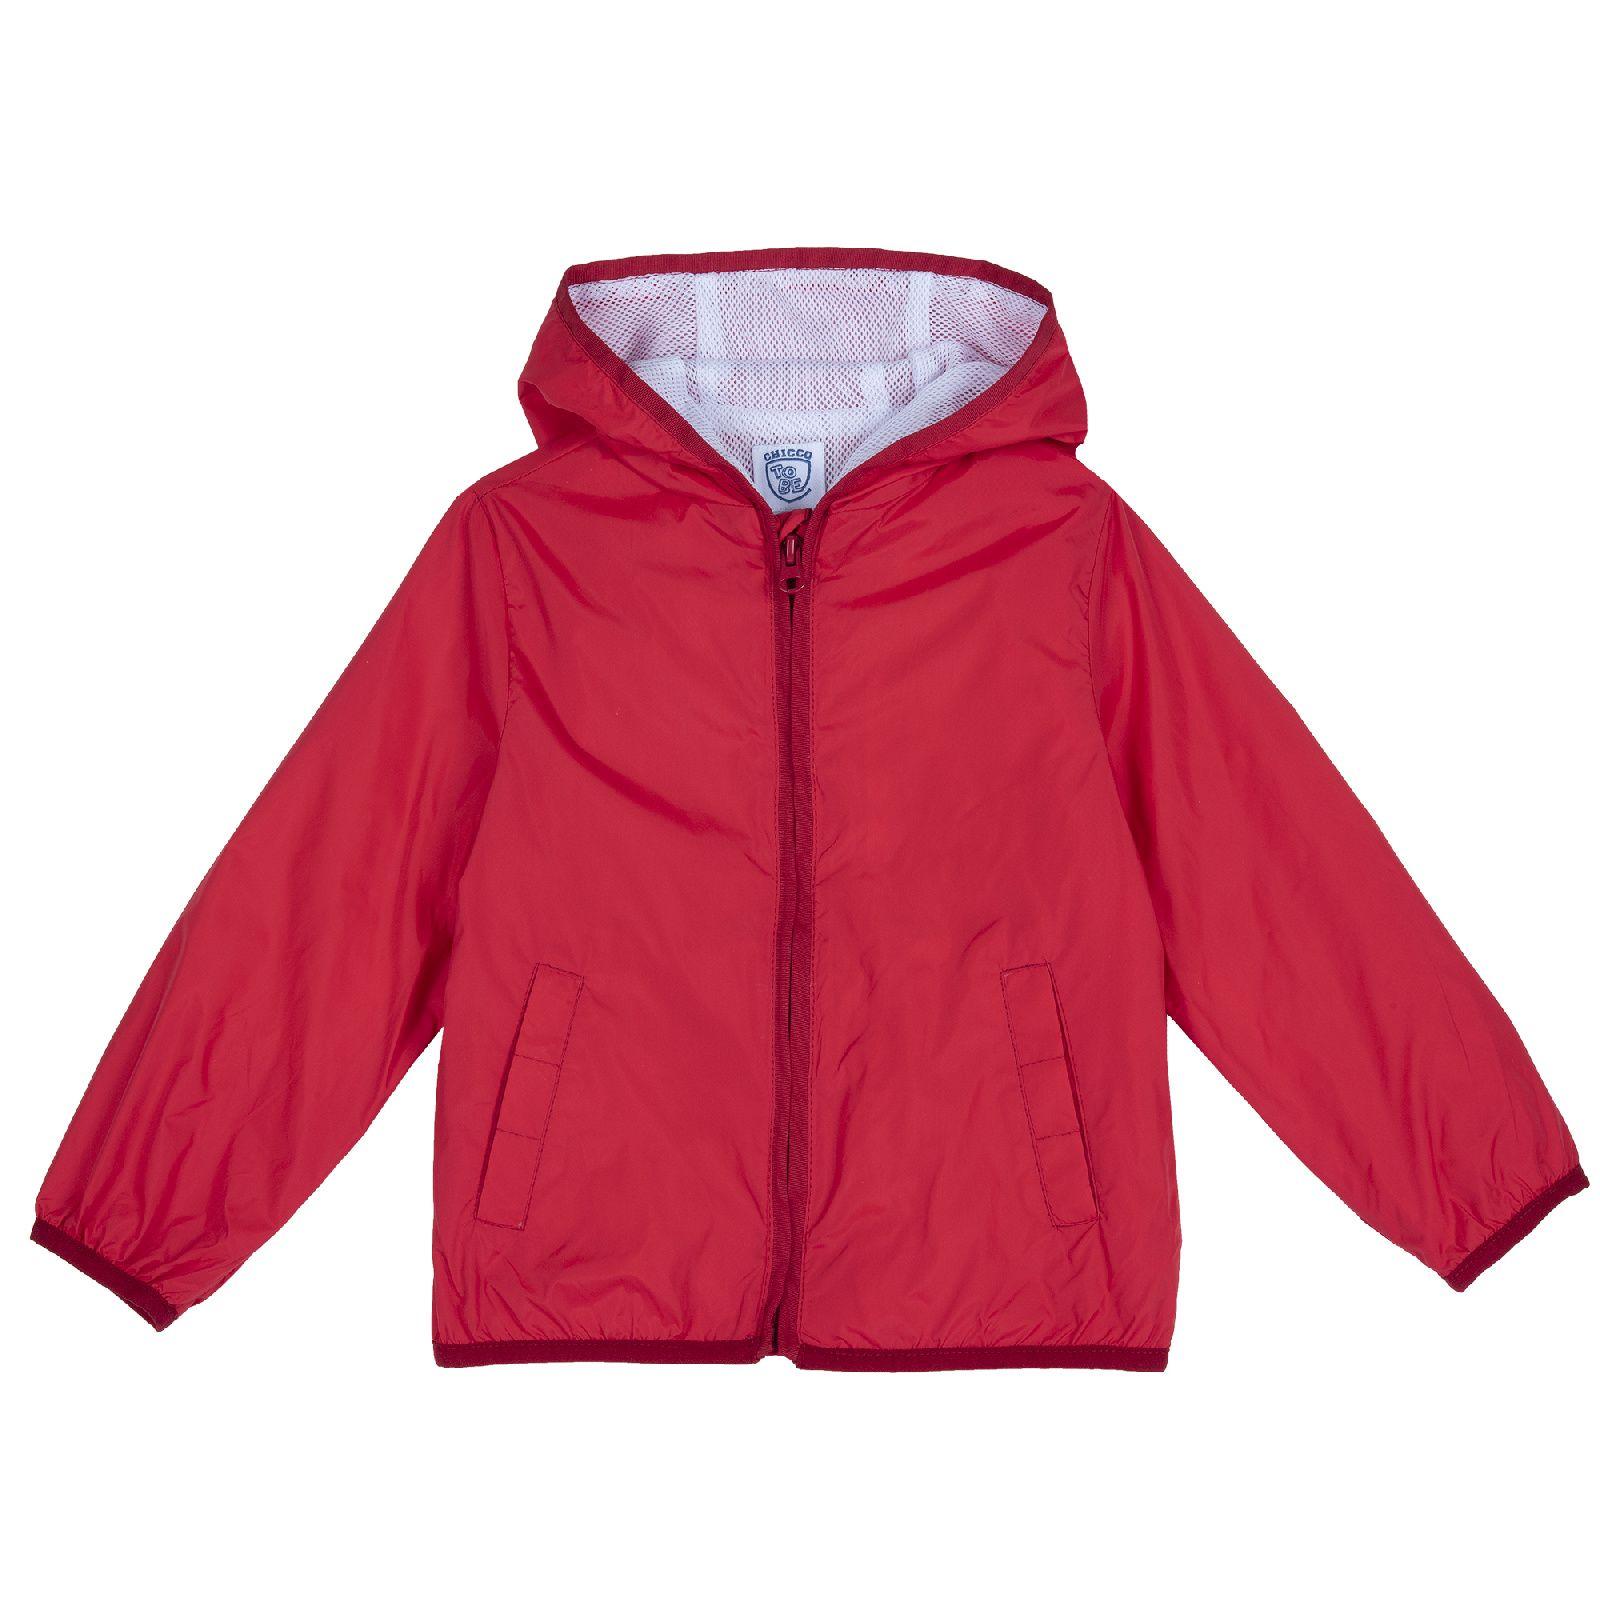 Куртка для мальчиков Chicco без принта, цвет красный, размер 122 9087451